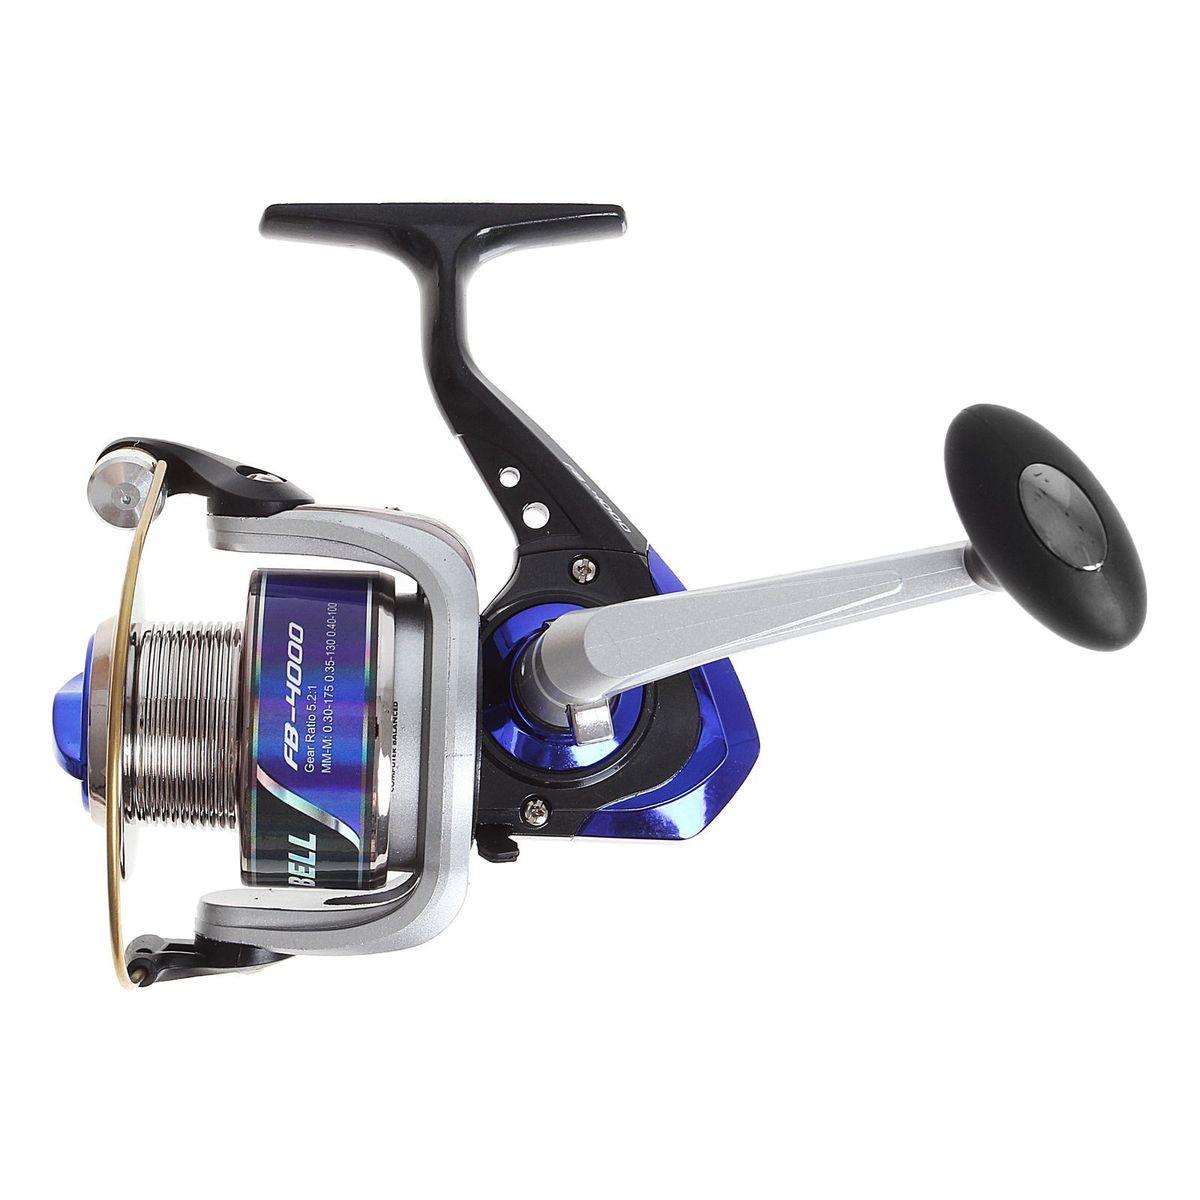 Катушка безынерционная Onlitop 1BB FB 4000, цвет: синий, 1 подшипник1233155Катушка 1BB FB 4000 это универсальная модель «эконом»-класса для разных условий рыбалки, отличный выбор для начинающих рыболовов.